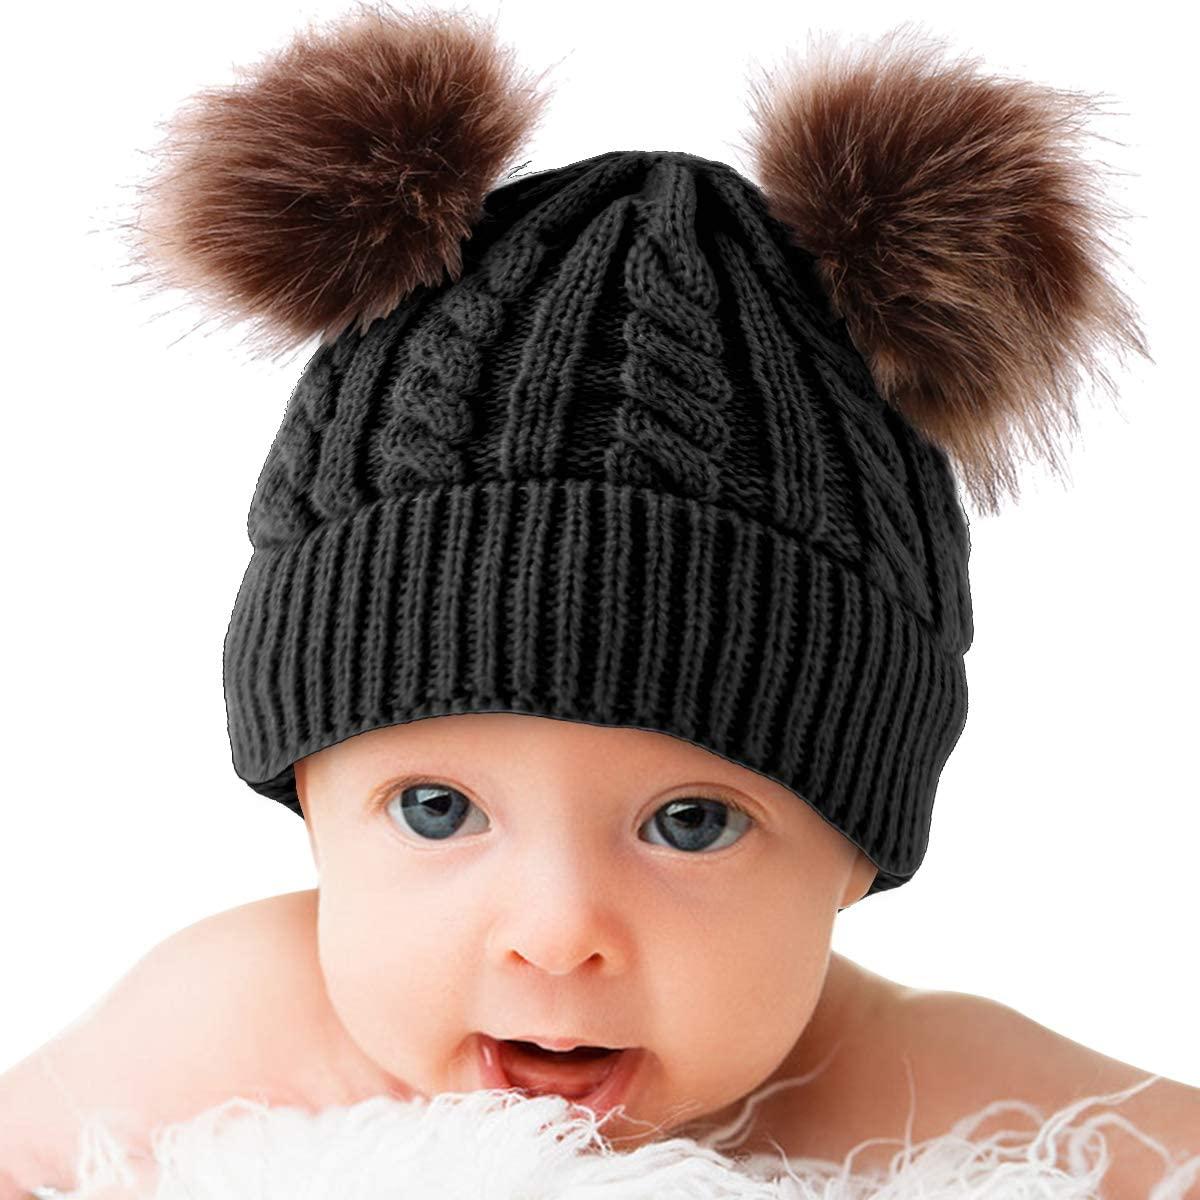 Yolispa Baby Winter Warm Knit Hat Infant Toddler Kid Double Pom Pom Beanie Cap